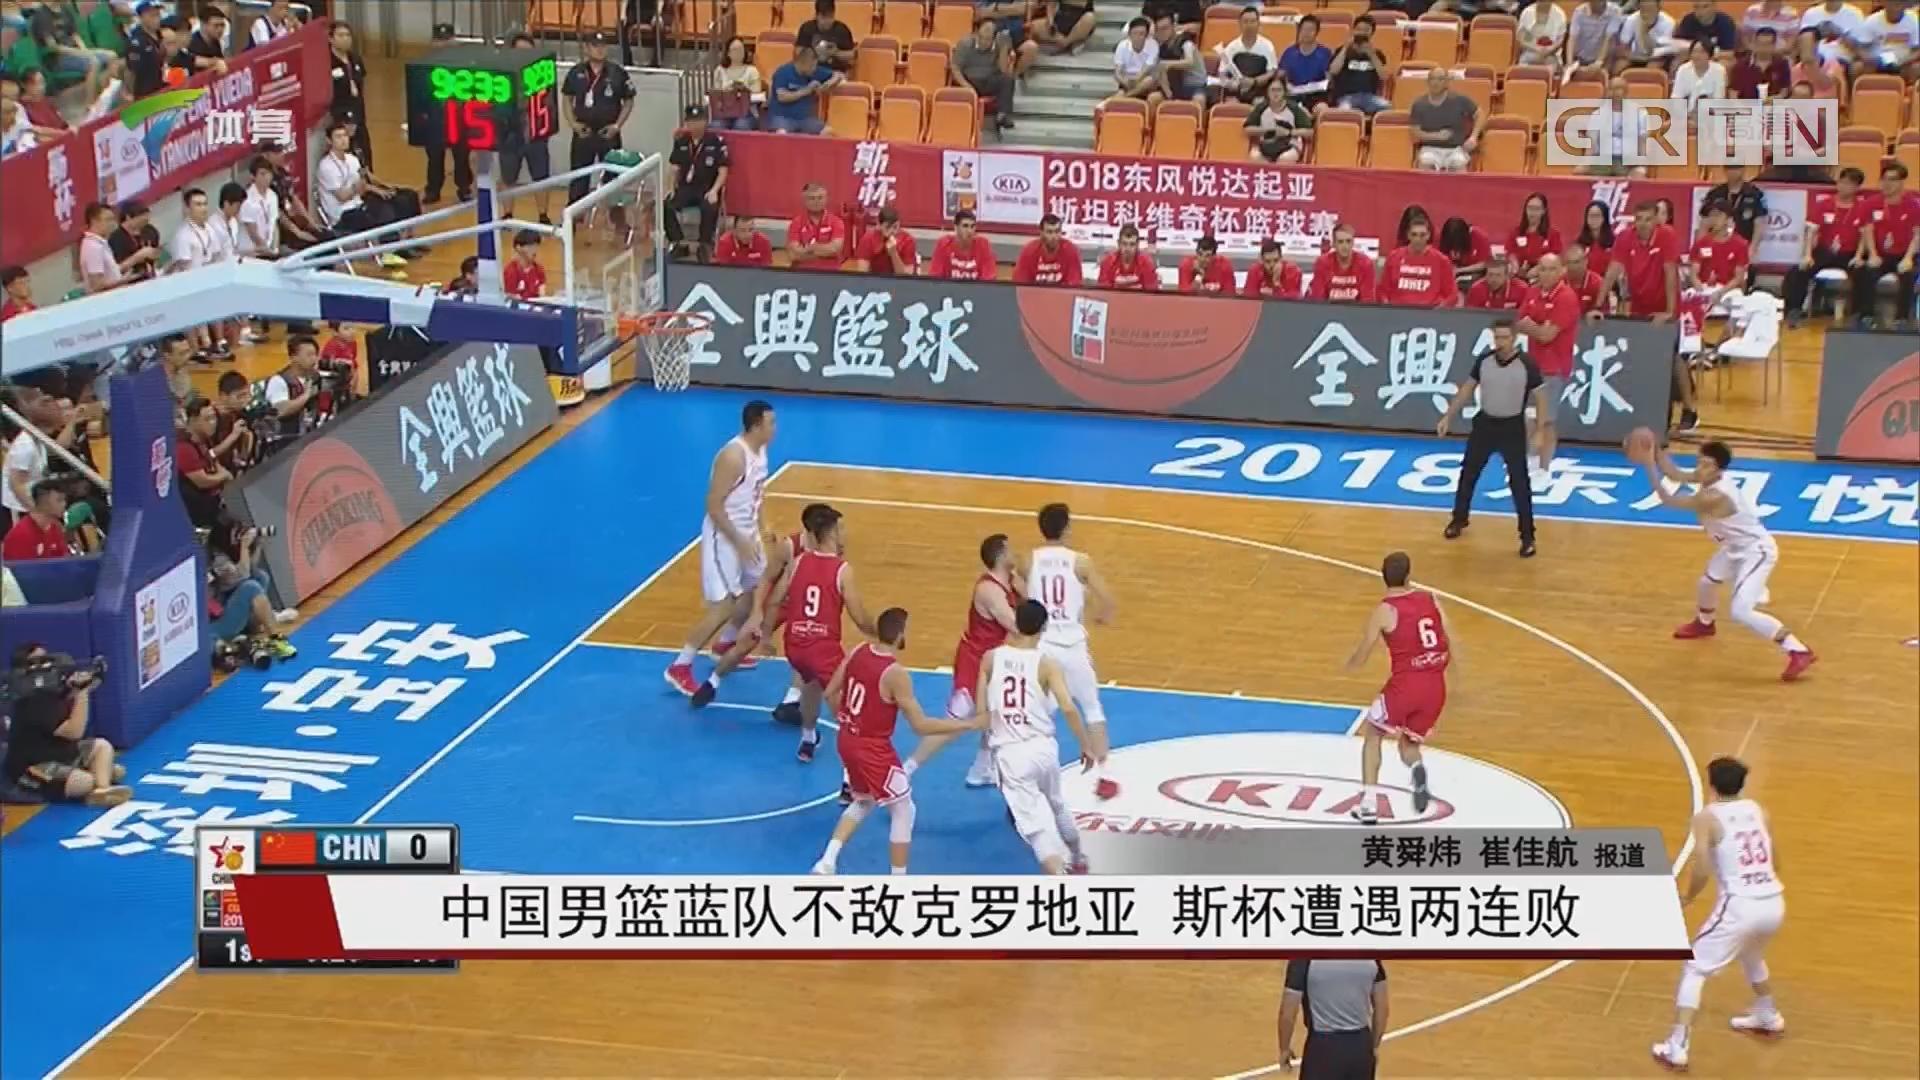 中国男篮蓝队不敌克罗地亚 斯杯遭遇两连败